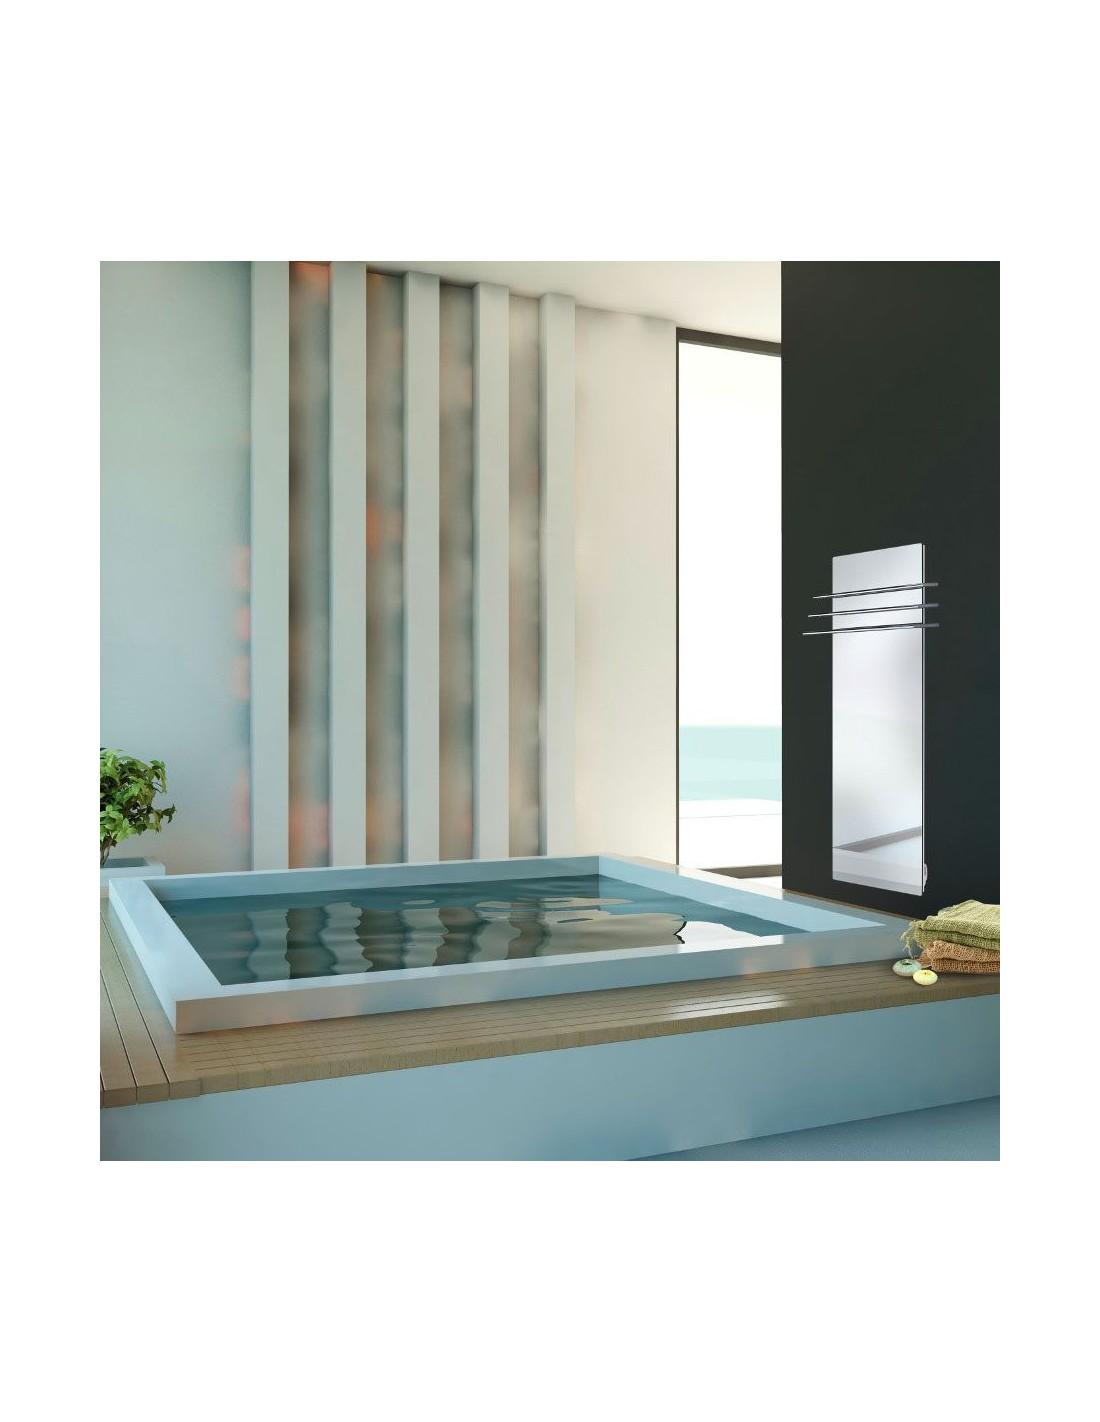 Sèche serviettes Solaris 1500w de la marque Fondis